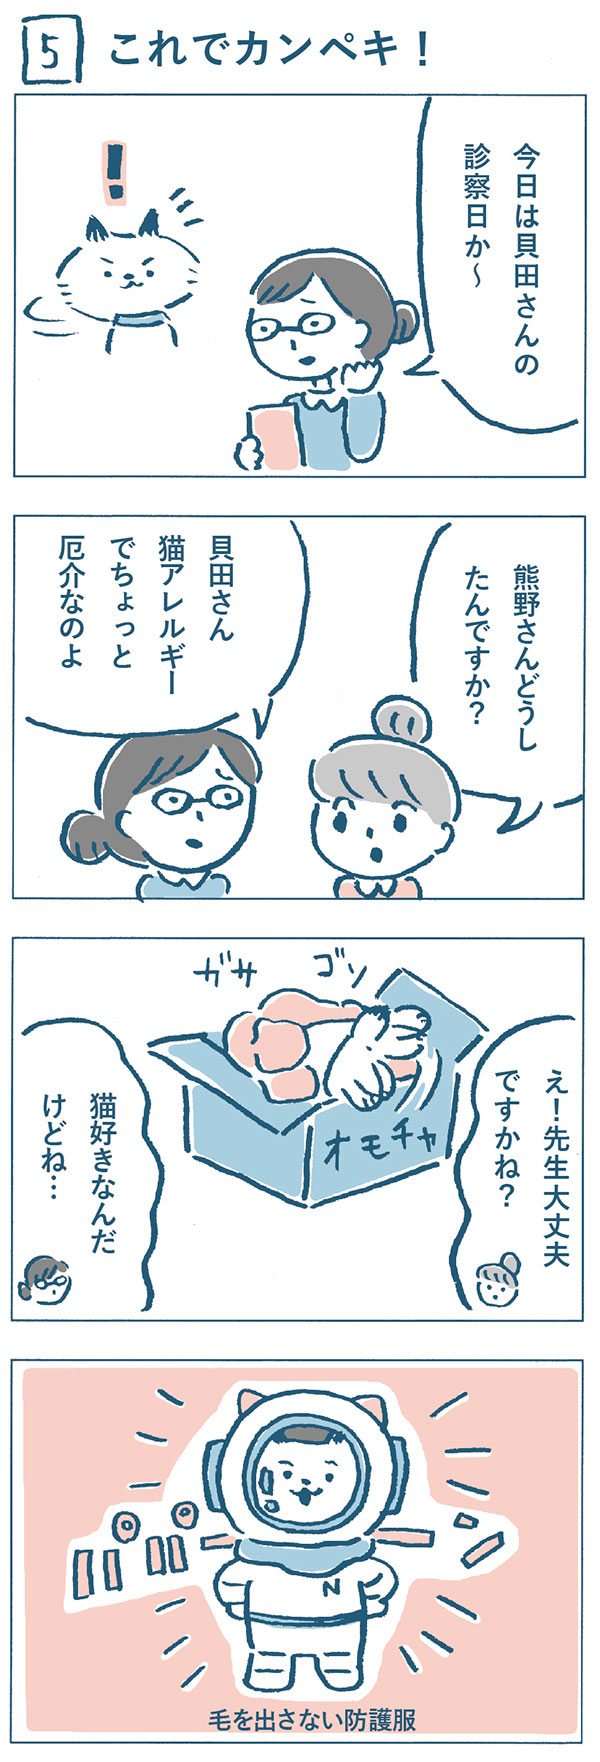 タイトル:これでカンペキ(5)。ねこやまクリニック看護師の熊野さんが、「今日は貝田さんの診察日か~。貝田さん猫アレルギーでちょっと厄介なのよ。」と困ったように言いました。「猫好きなんだけどね…。」と先生を心配する熊野さんと奈央子をよそになにやらゴソゴソしはじめたねこやま先生。宇宙服のような毛を出さない防護服を着ていました。